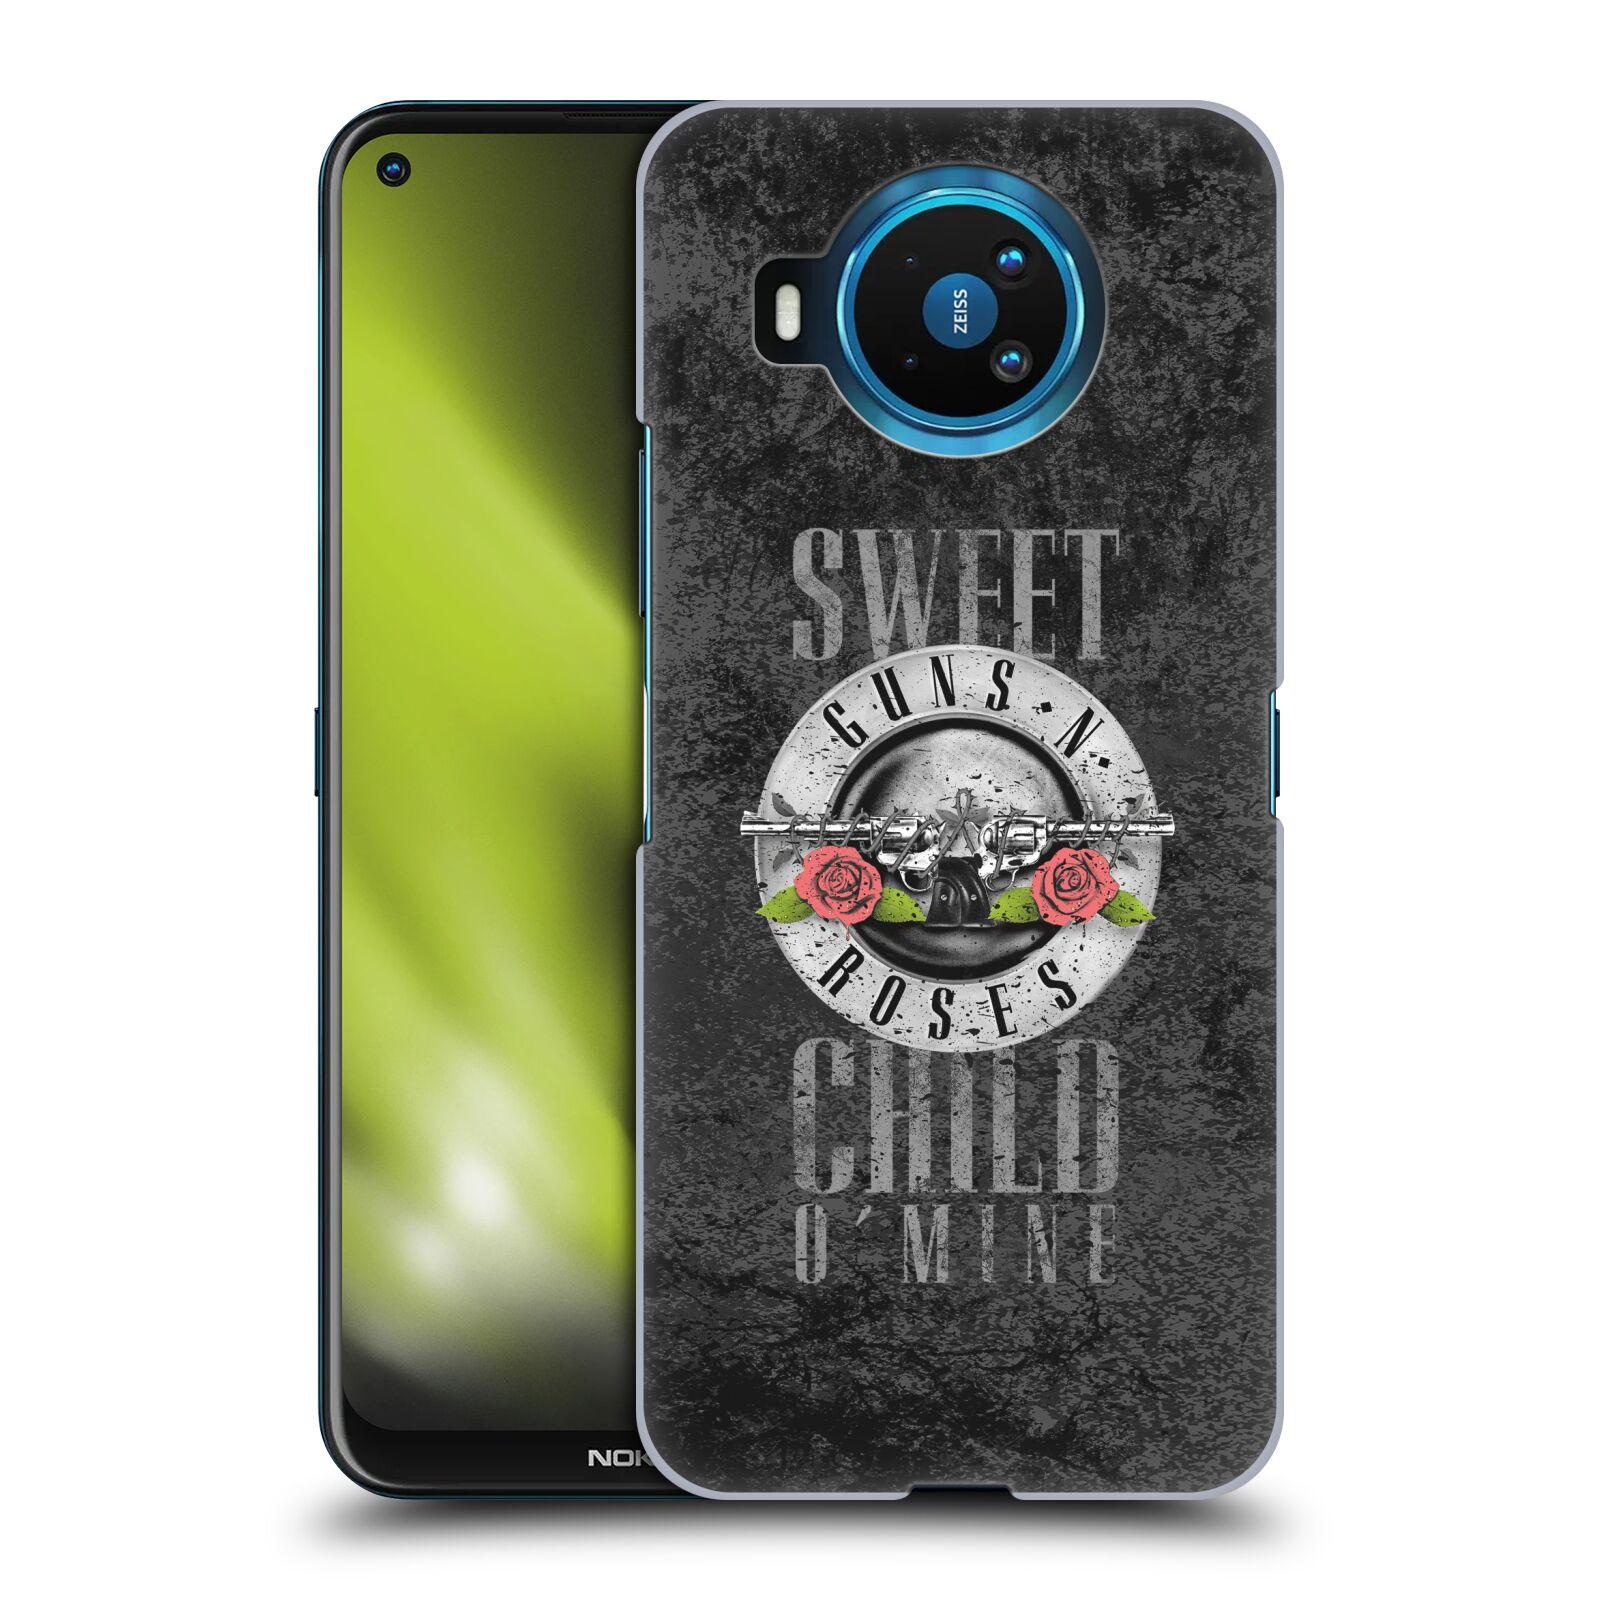 Plastové pouzdro na mobil Nokia 8.3 5G - Head Case - Guns N' Roses - Sweet Child